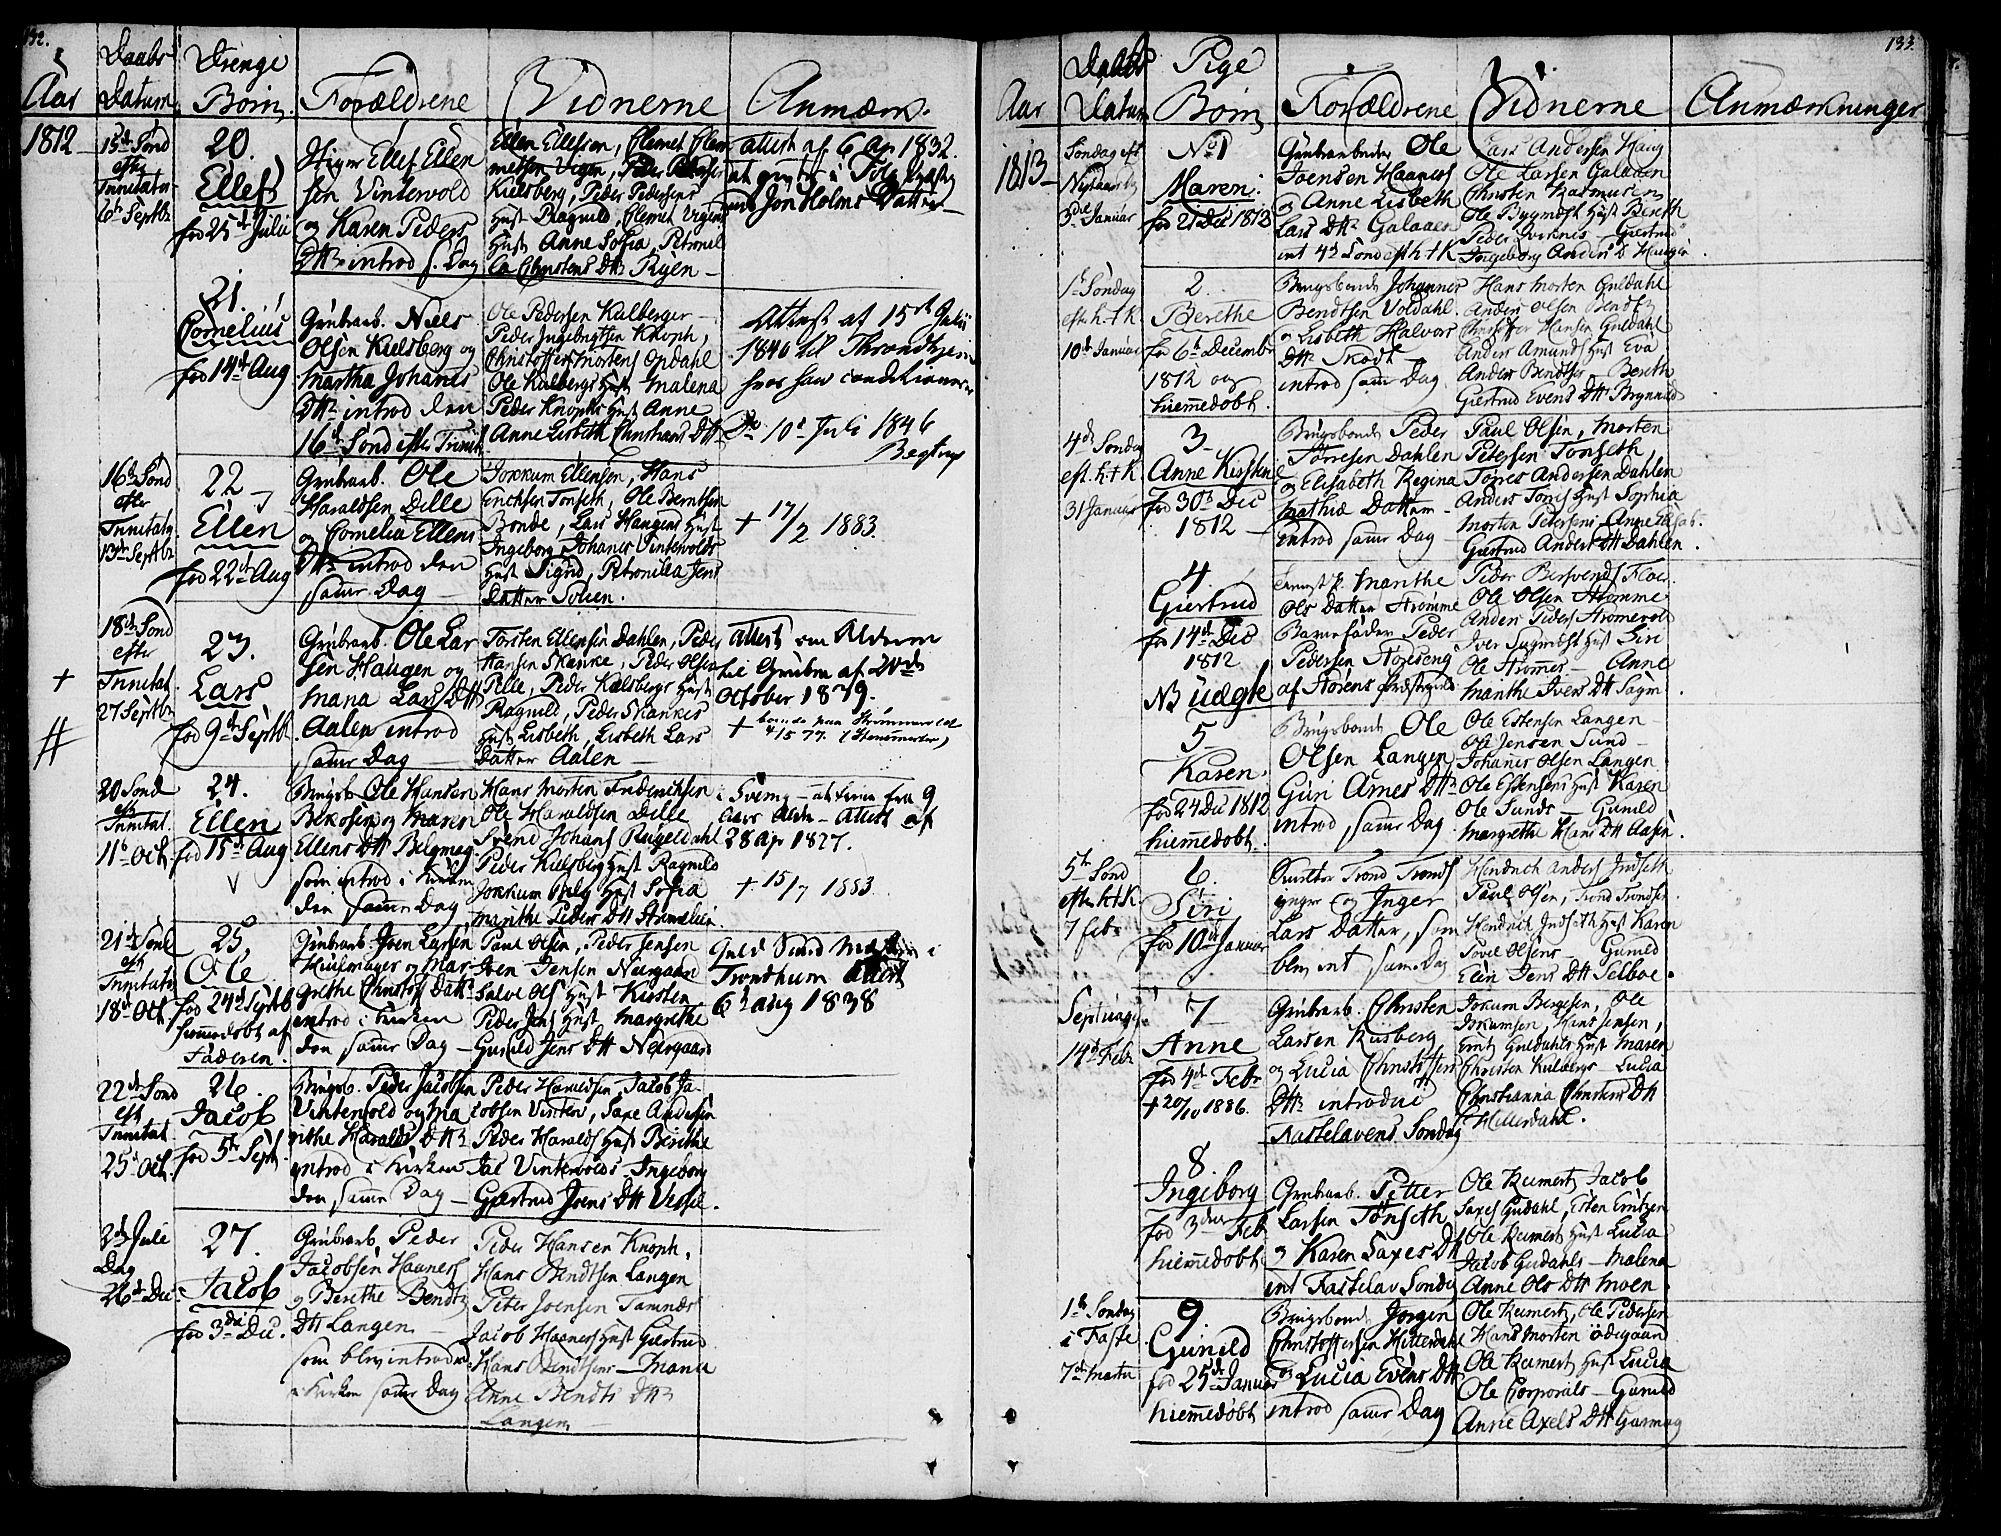 SAT, Ministerialprotokoller, klokkerbøker og fødselsregistre - Sør-Trøndelag, 681/L0928: Ministerialbok nr. 681A06, 1806-1816, s. 132-133